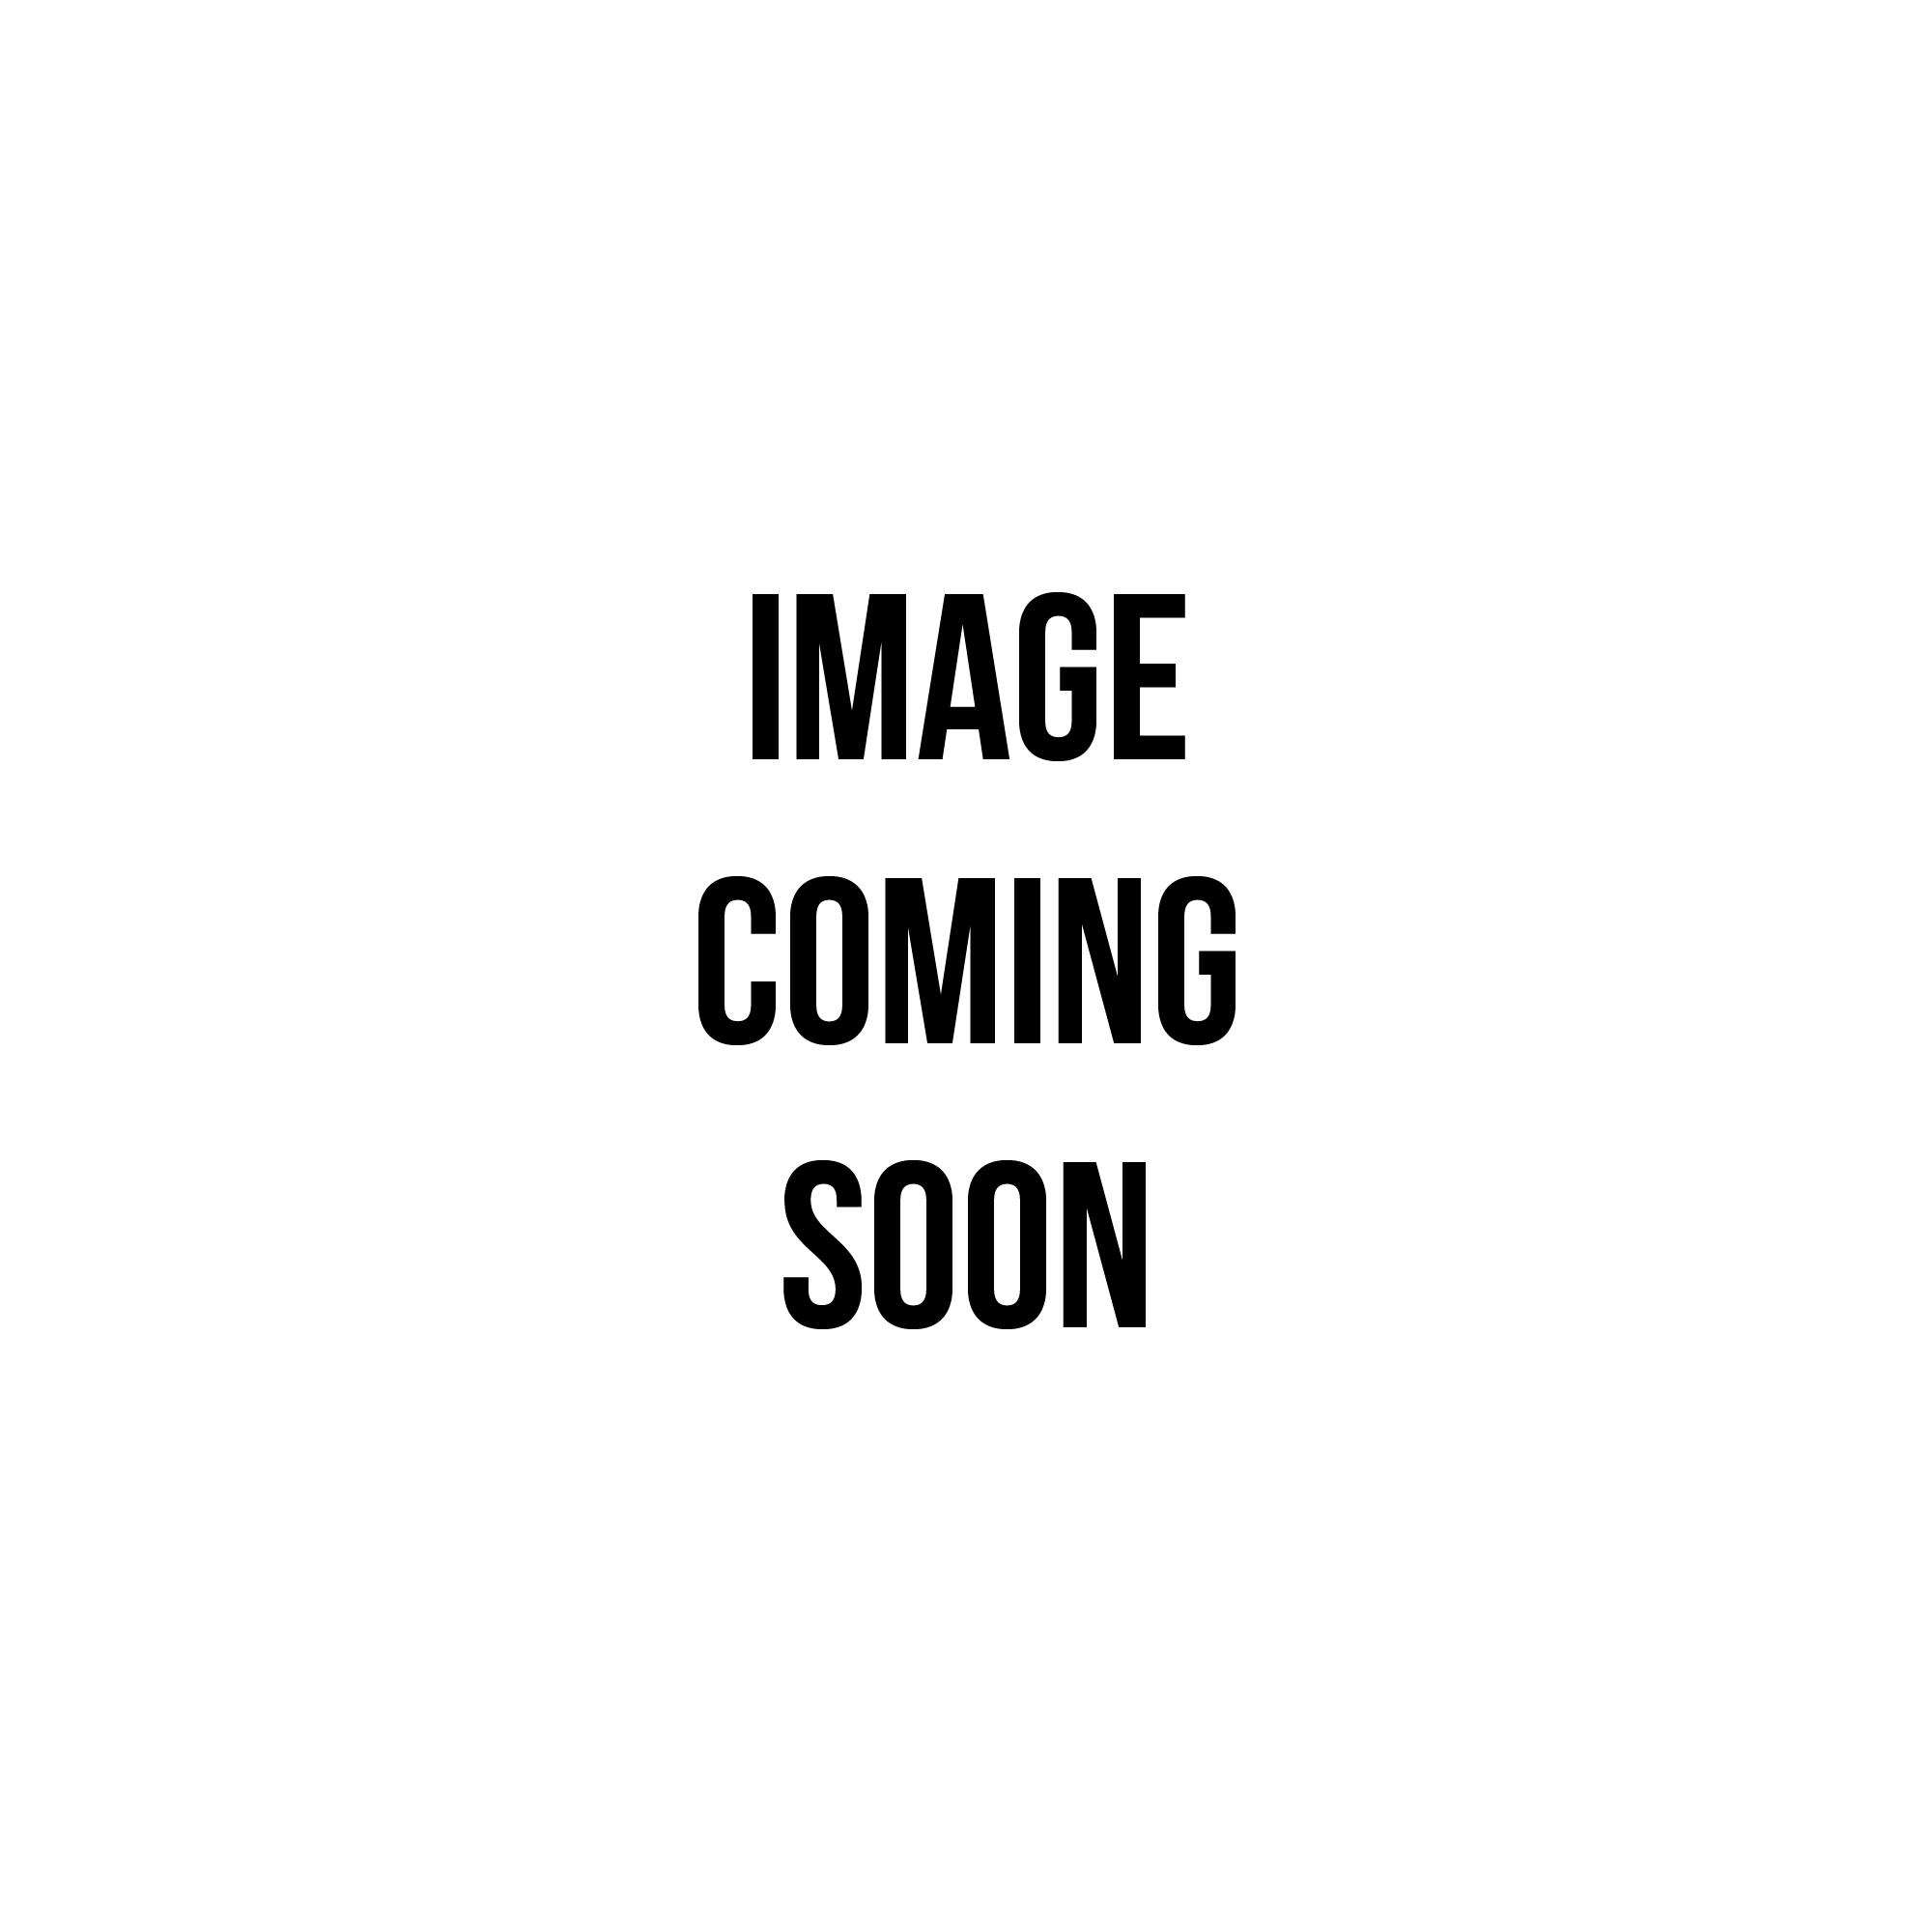 Nike Glisse Femmes Chemise Rayée Noir Et Blanc sortie 2015 excellent dérivatif geniue stockiste FFP3g7t